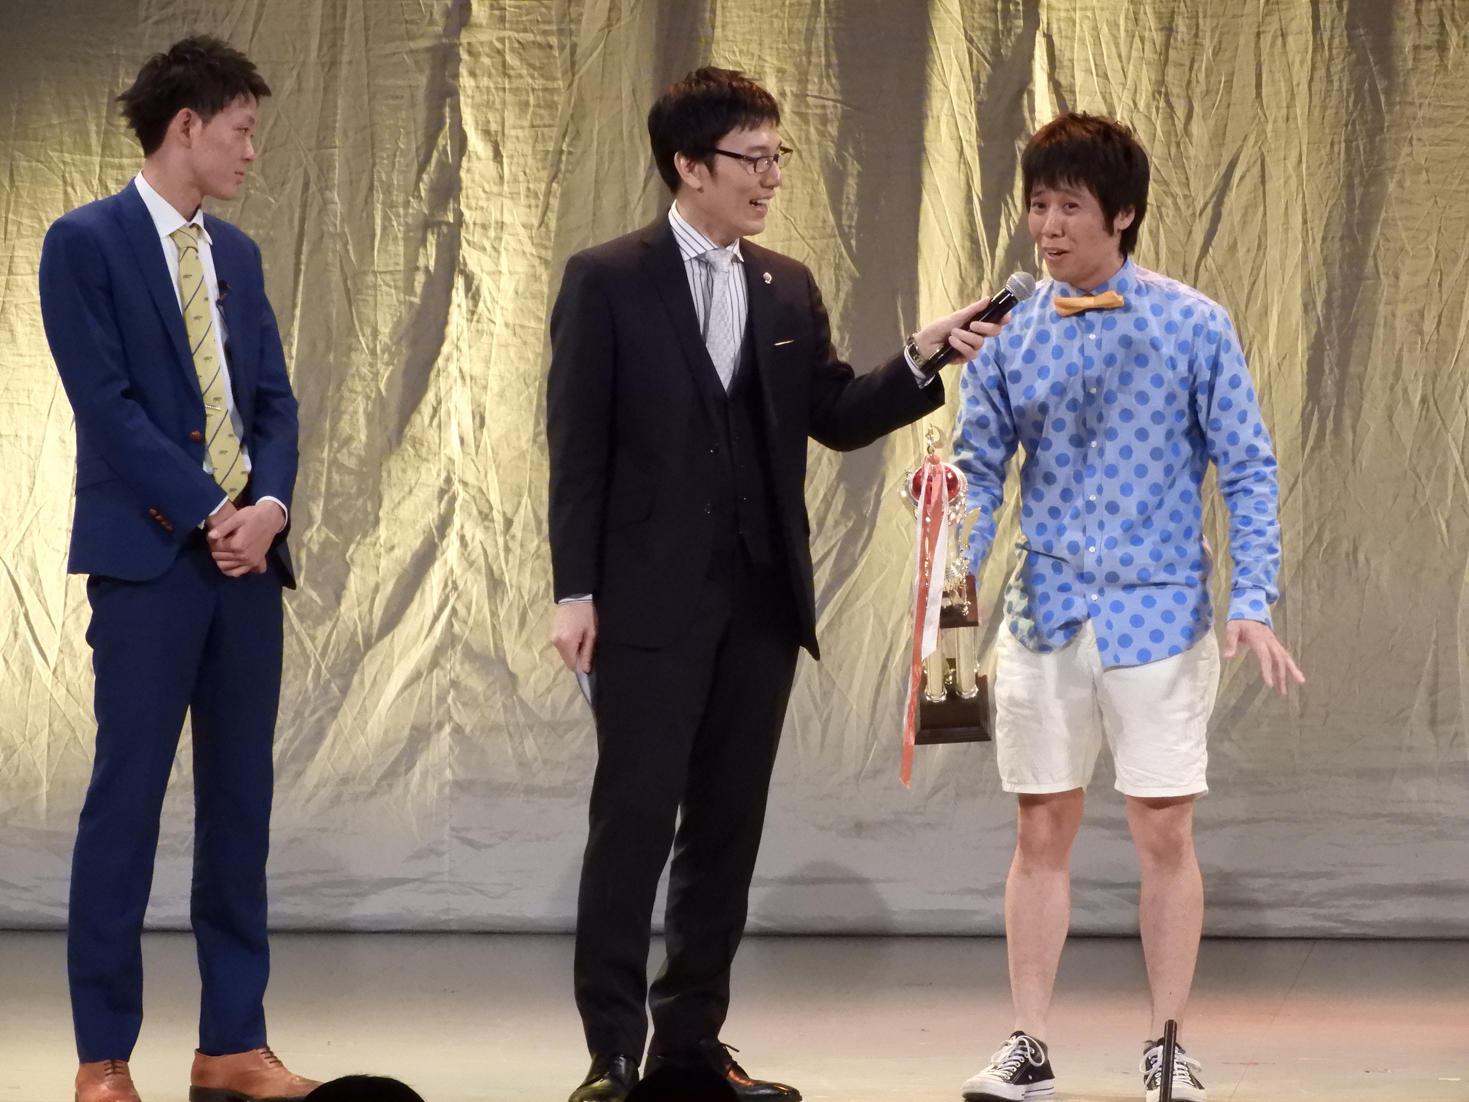 http://news.yoshimoto.co.jp/20180406112646-6110bc1ee39d342c1a83a26676237e6c4d84efc9.jpg